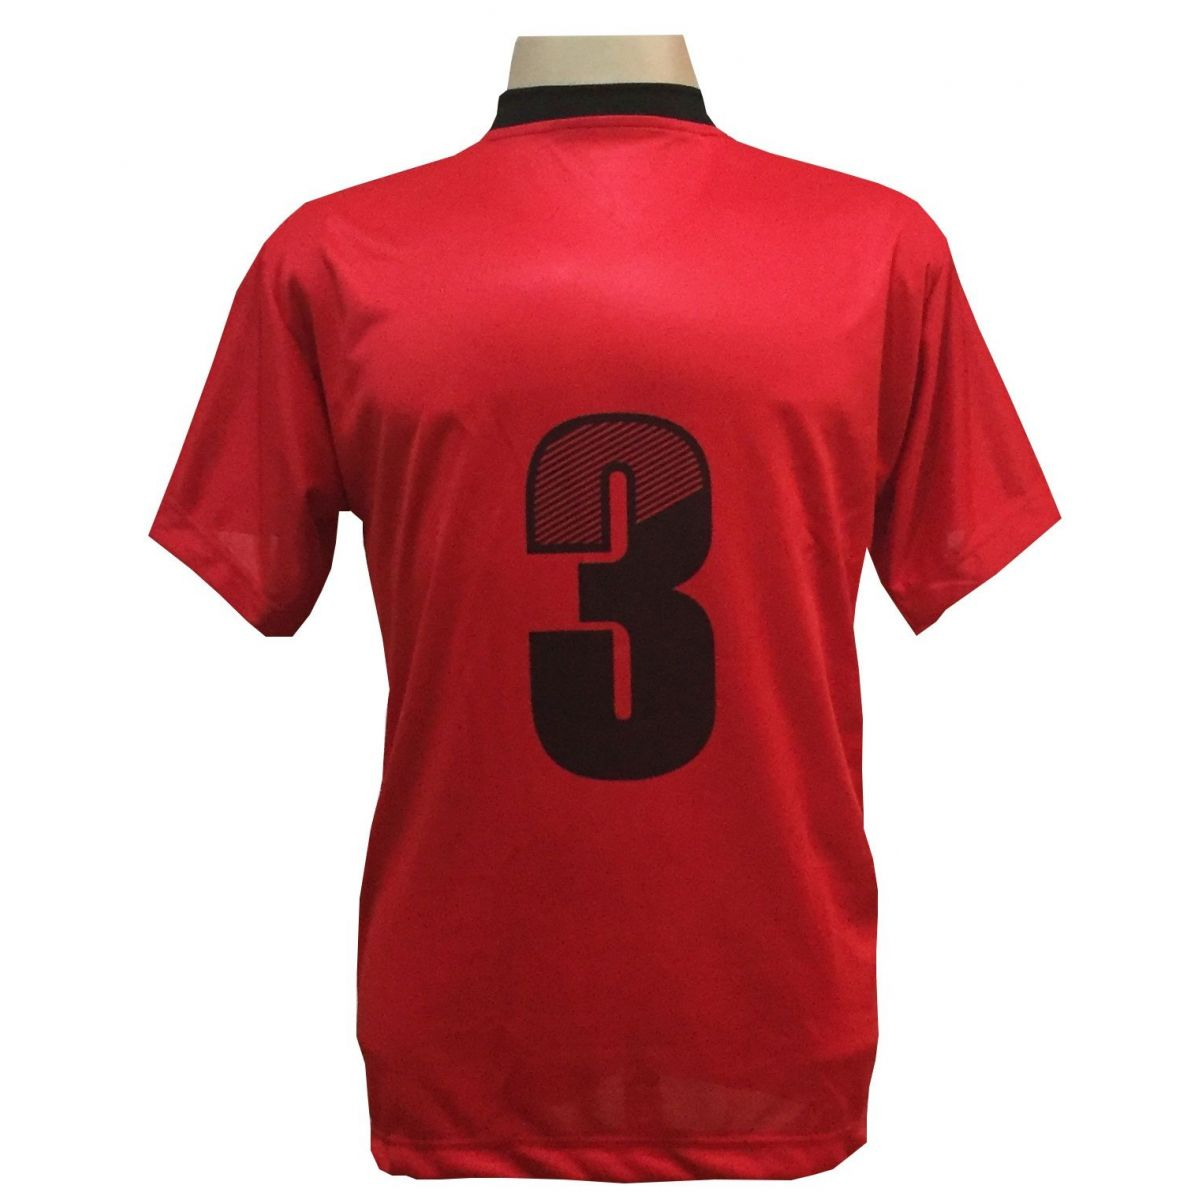 Uniforme Esportivo com 12 Camisas modelo Roma Vermelho/Preto + 12 Calções modelo Madrid Preto + 12 Pares de meiões Preto   - ESTAÇÃO DO ESPORTE